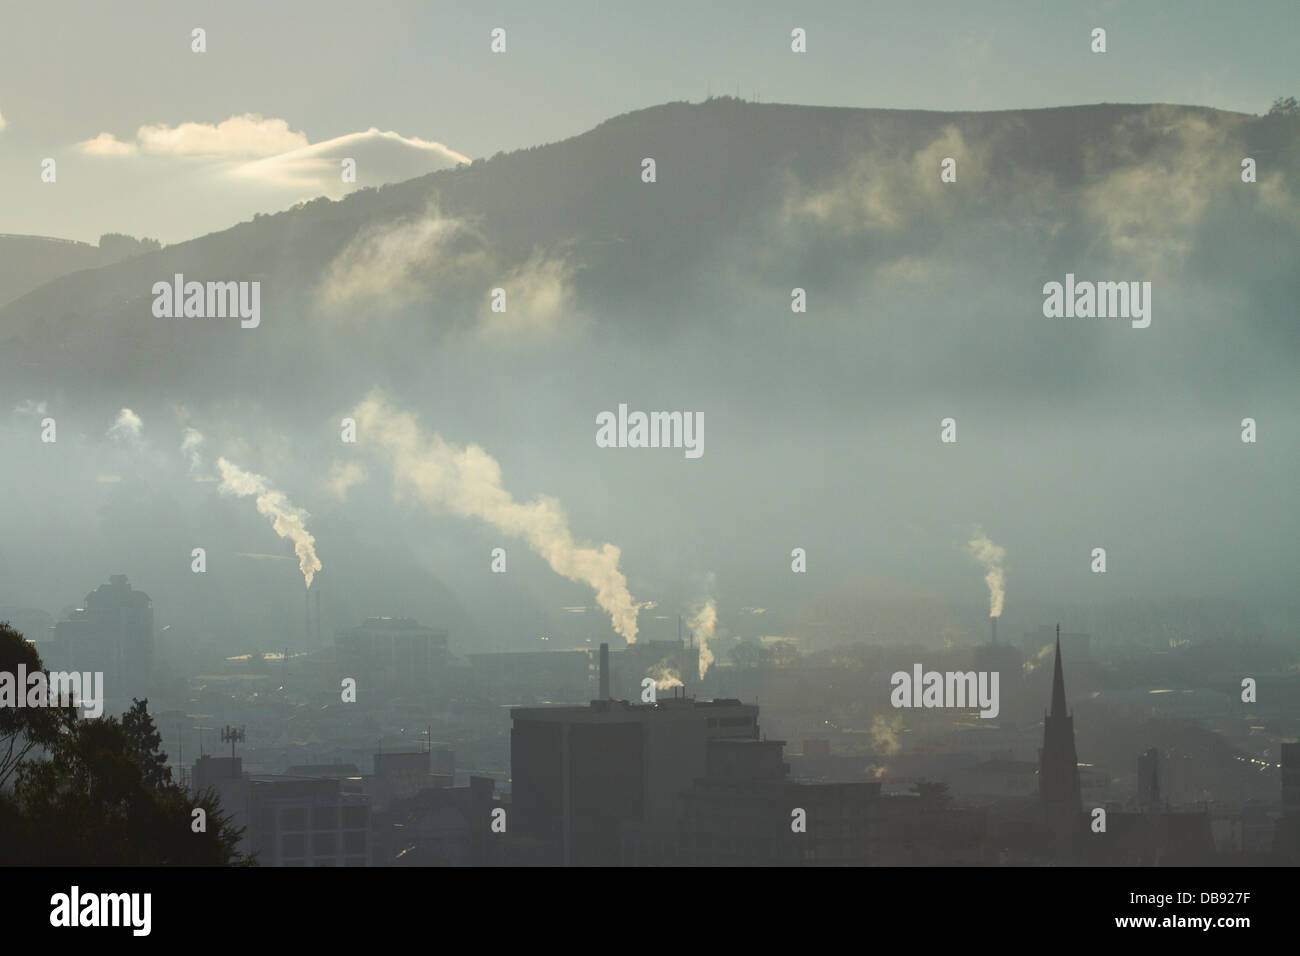 La contaminación del aire, Dunedin (Isla del Sur, Nueva Zelanda Imagen De Stock